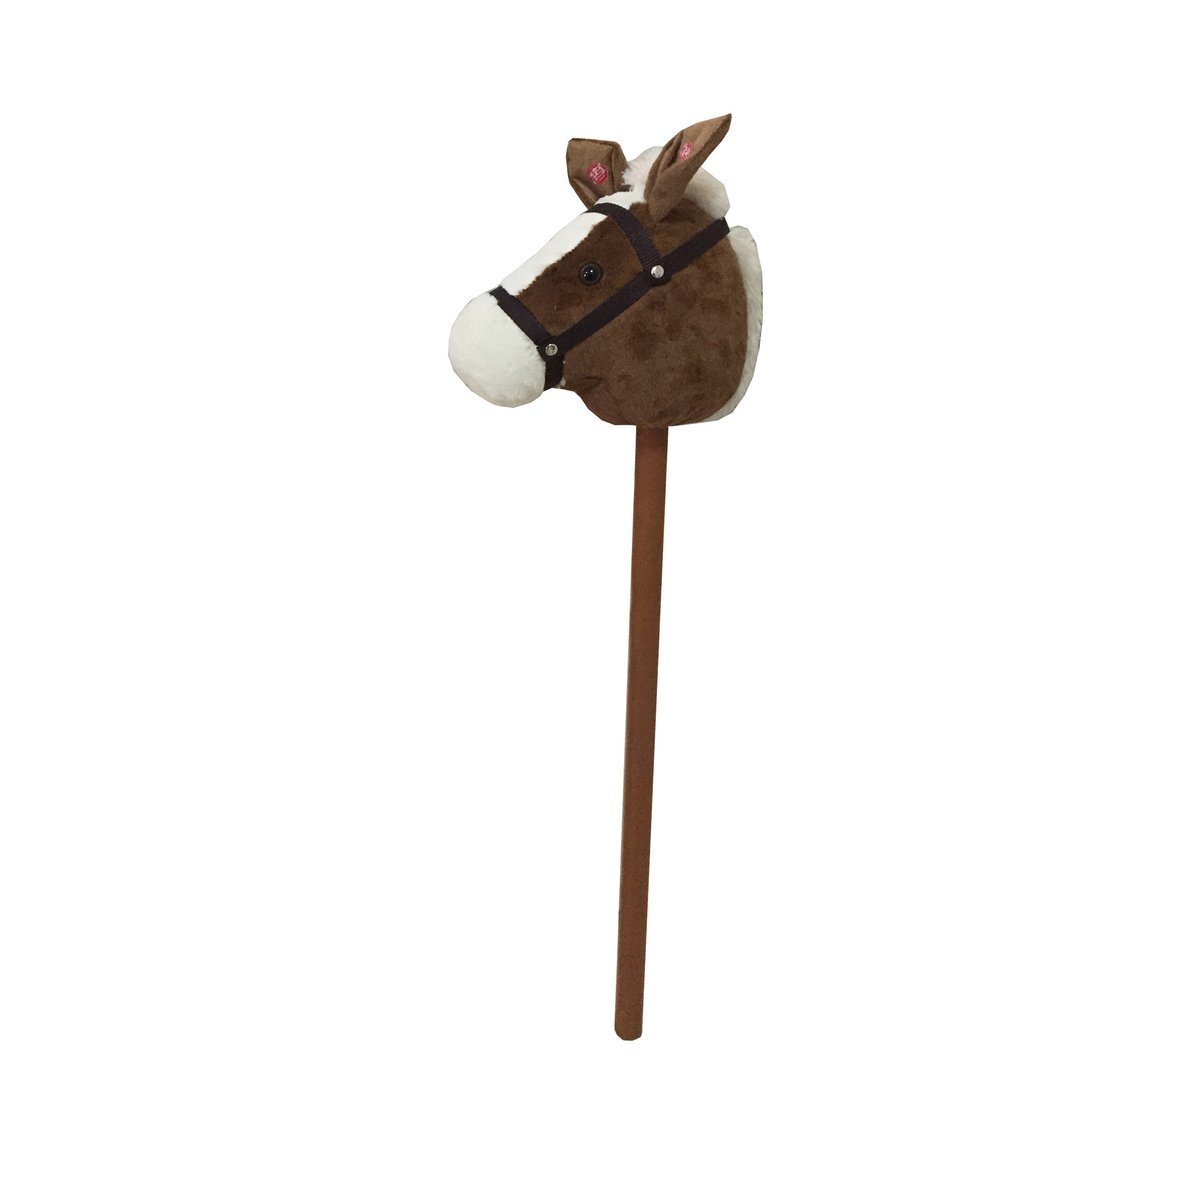 solini Steckenpferd Pferd mit Sound / Kinderspielzeug / Holzspielzeug / ab 18 Monate / 80 cm / braun